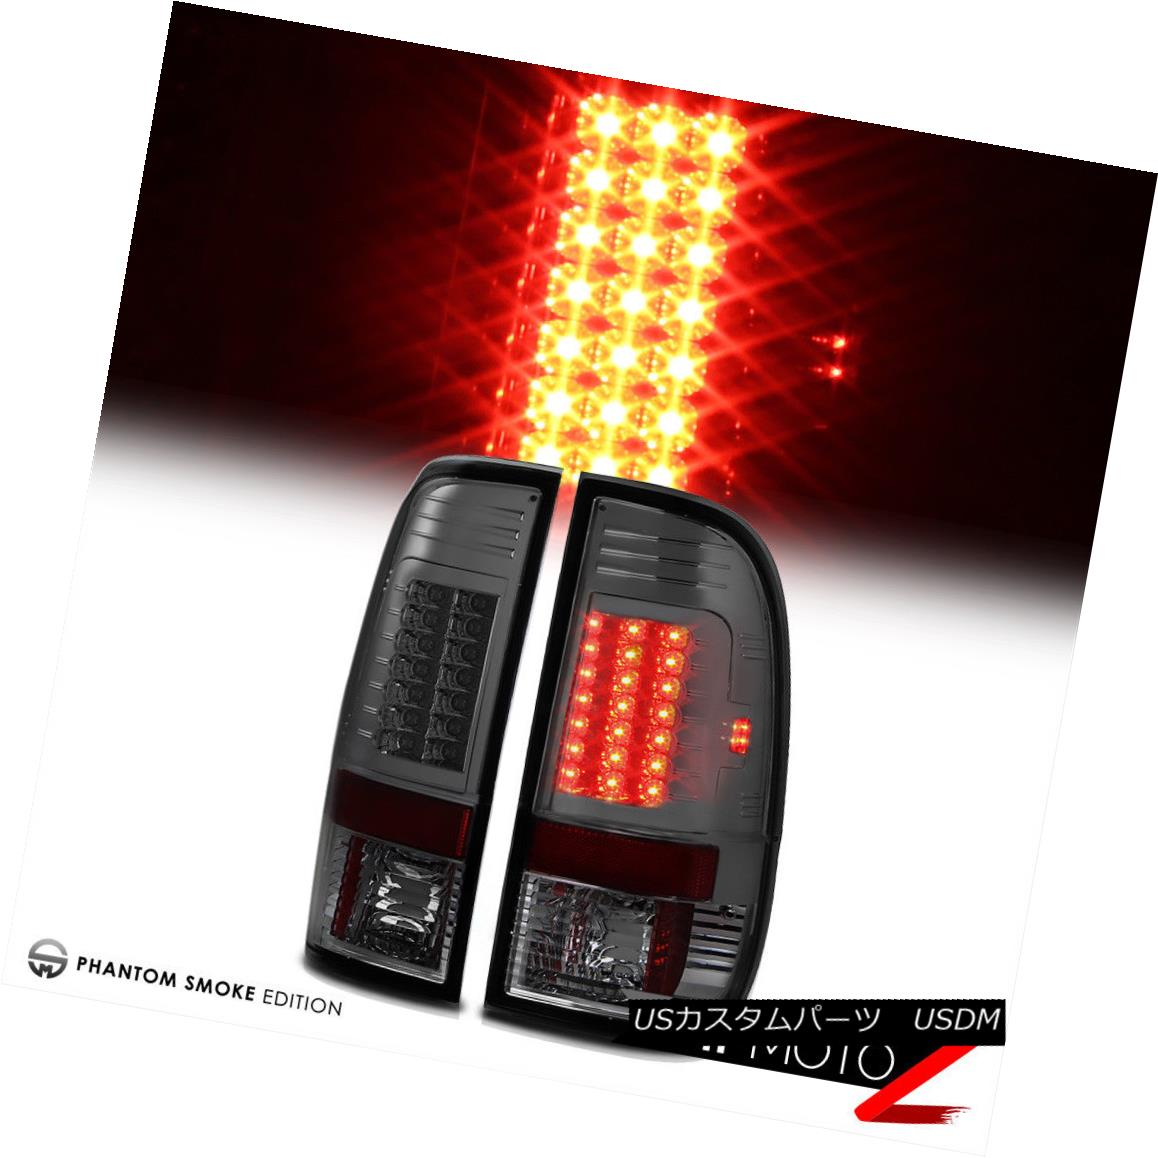 テールライト 1997-2003 {STYLE-SIDE} F150 250 350 BRIGHT LED G2 Tail Lights Rear Brake Pair 1997-2003 {STYLE-SIDE} F150 250 350 BRIGHT LED G2テールライトリアブレーキペア